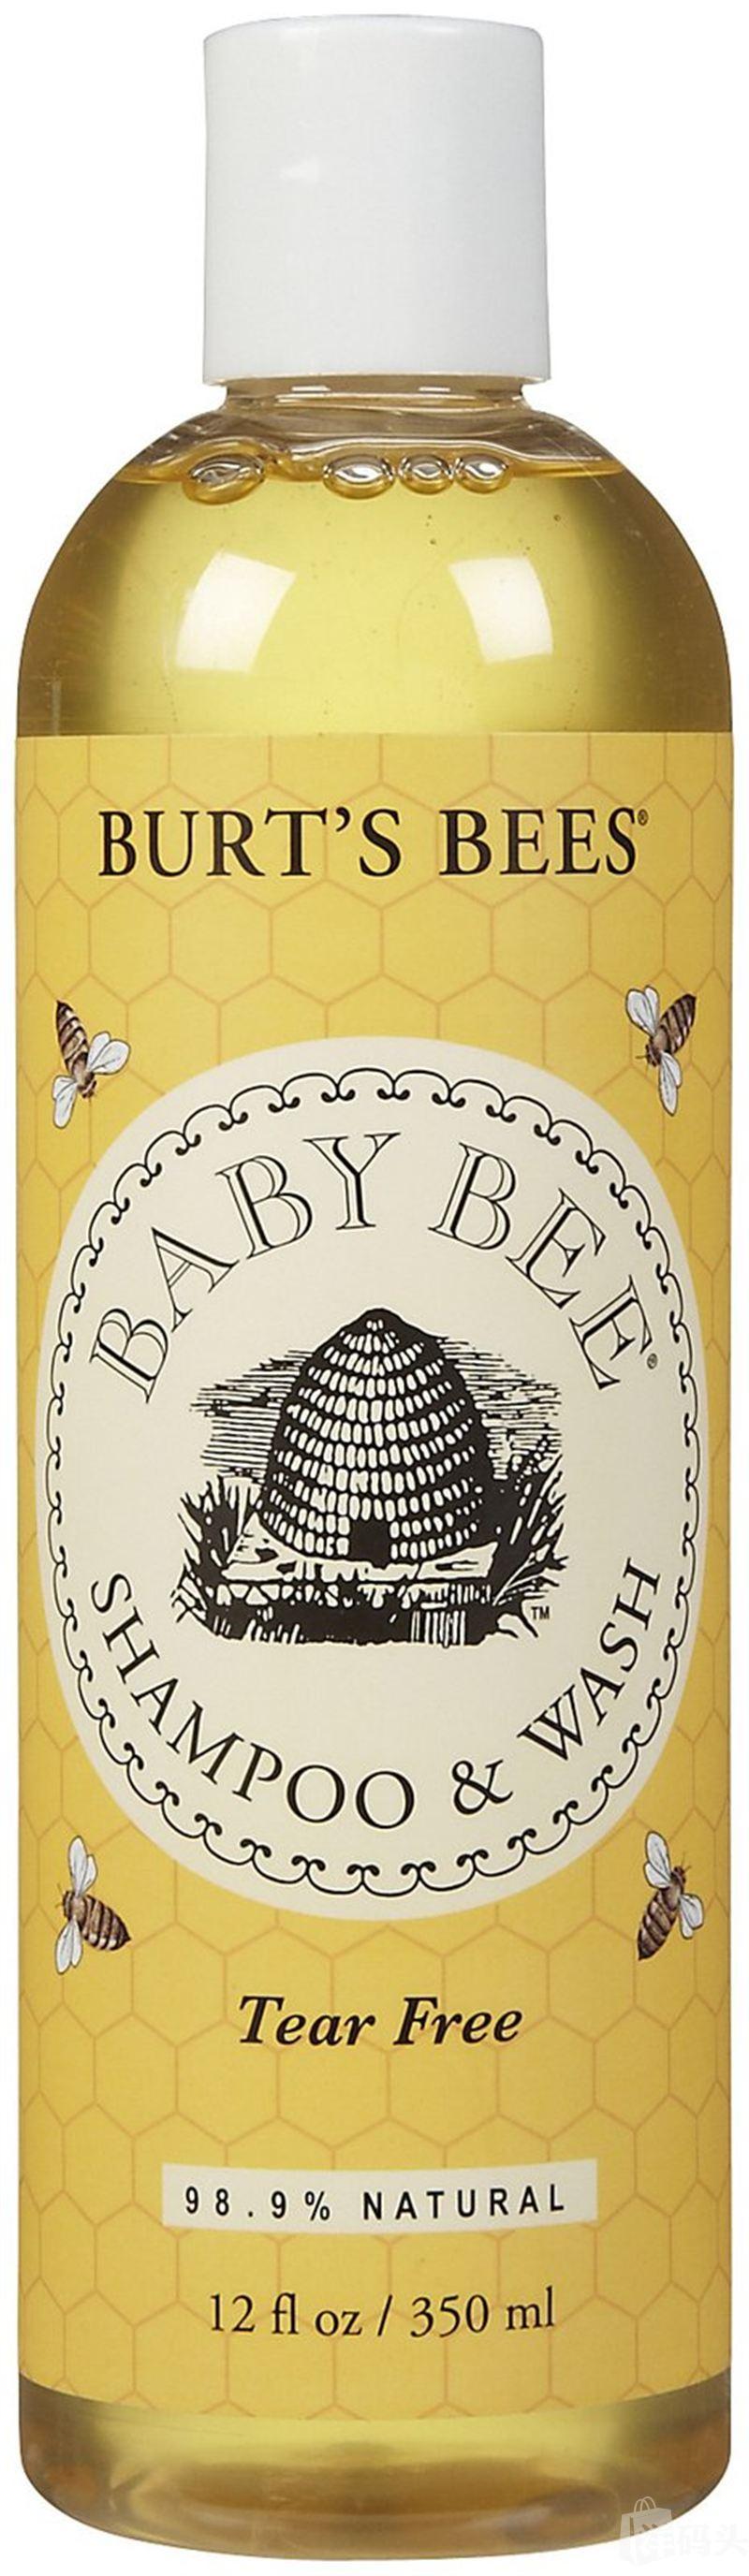 美国直邮Burt's Bees小蜜蜂婴儿无泪配方洗发沐浴露350ML